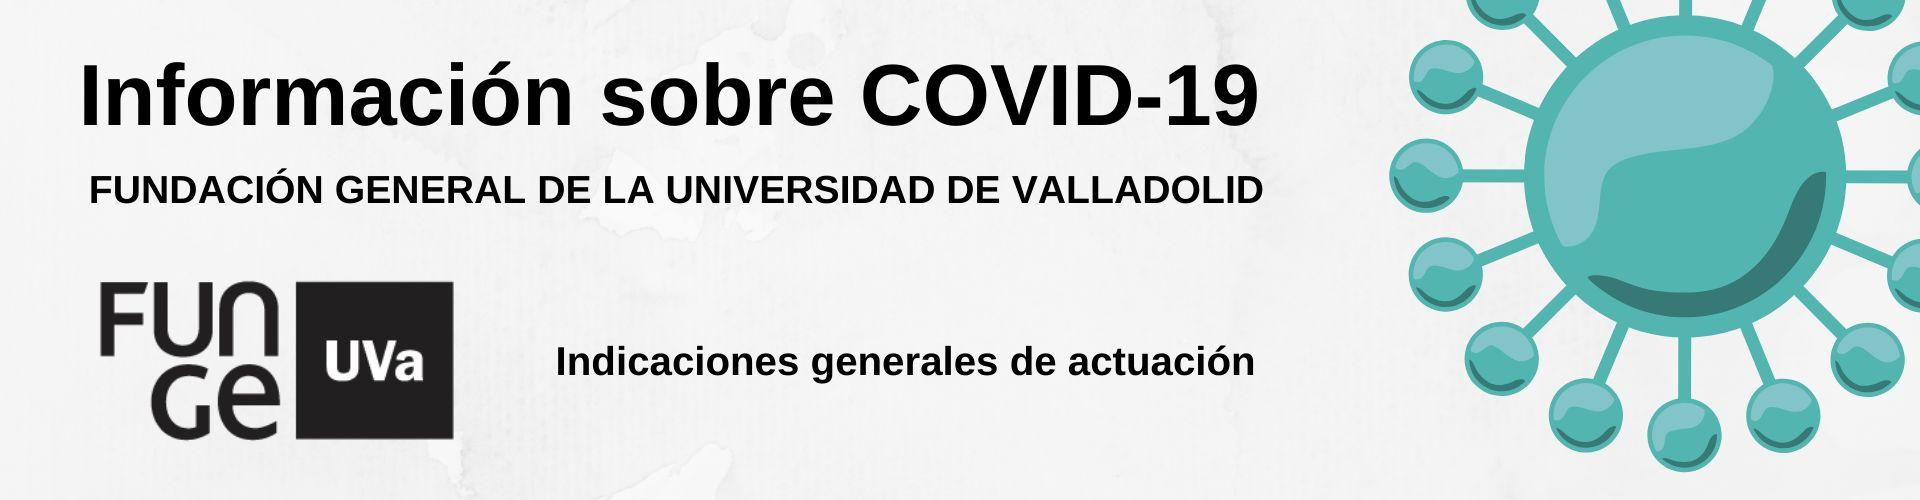 Banner Funge UVa COVID-19 - marzo 2020